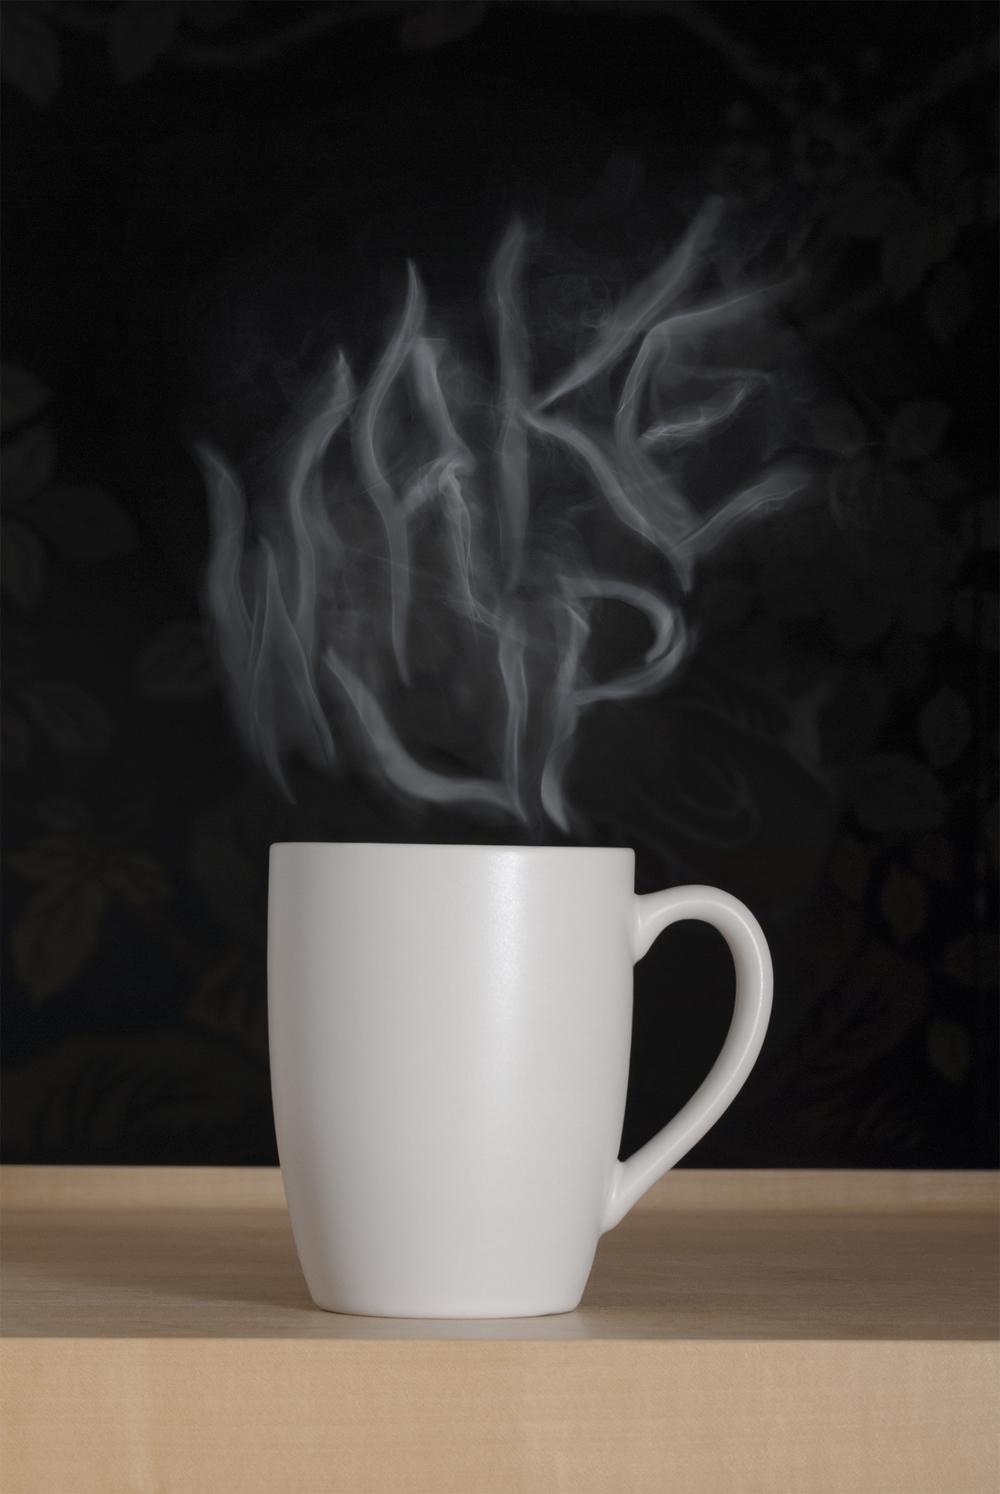 wake_up.jpg